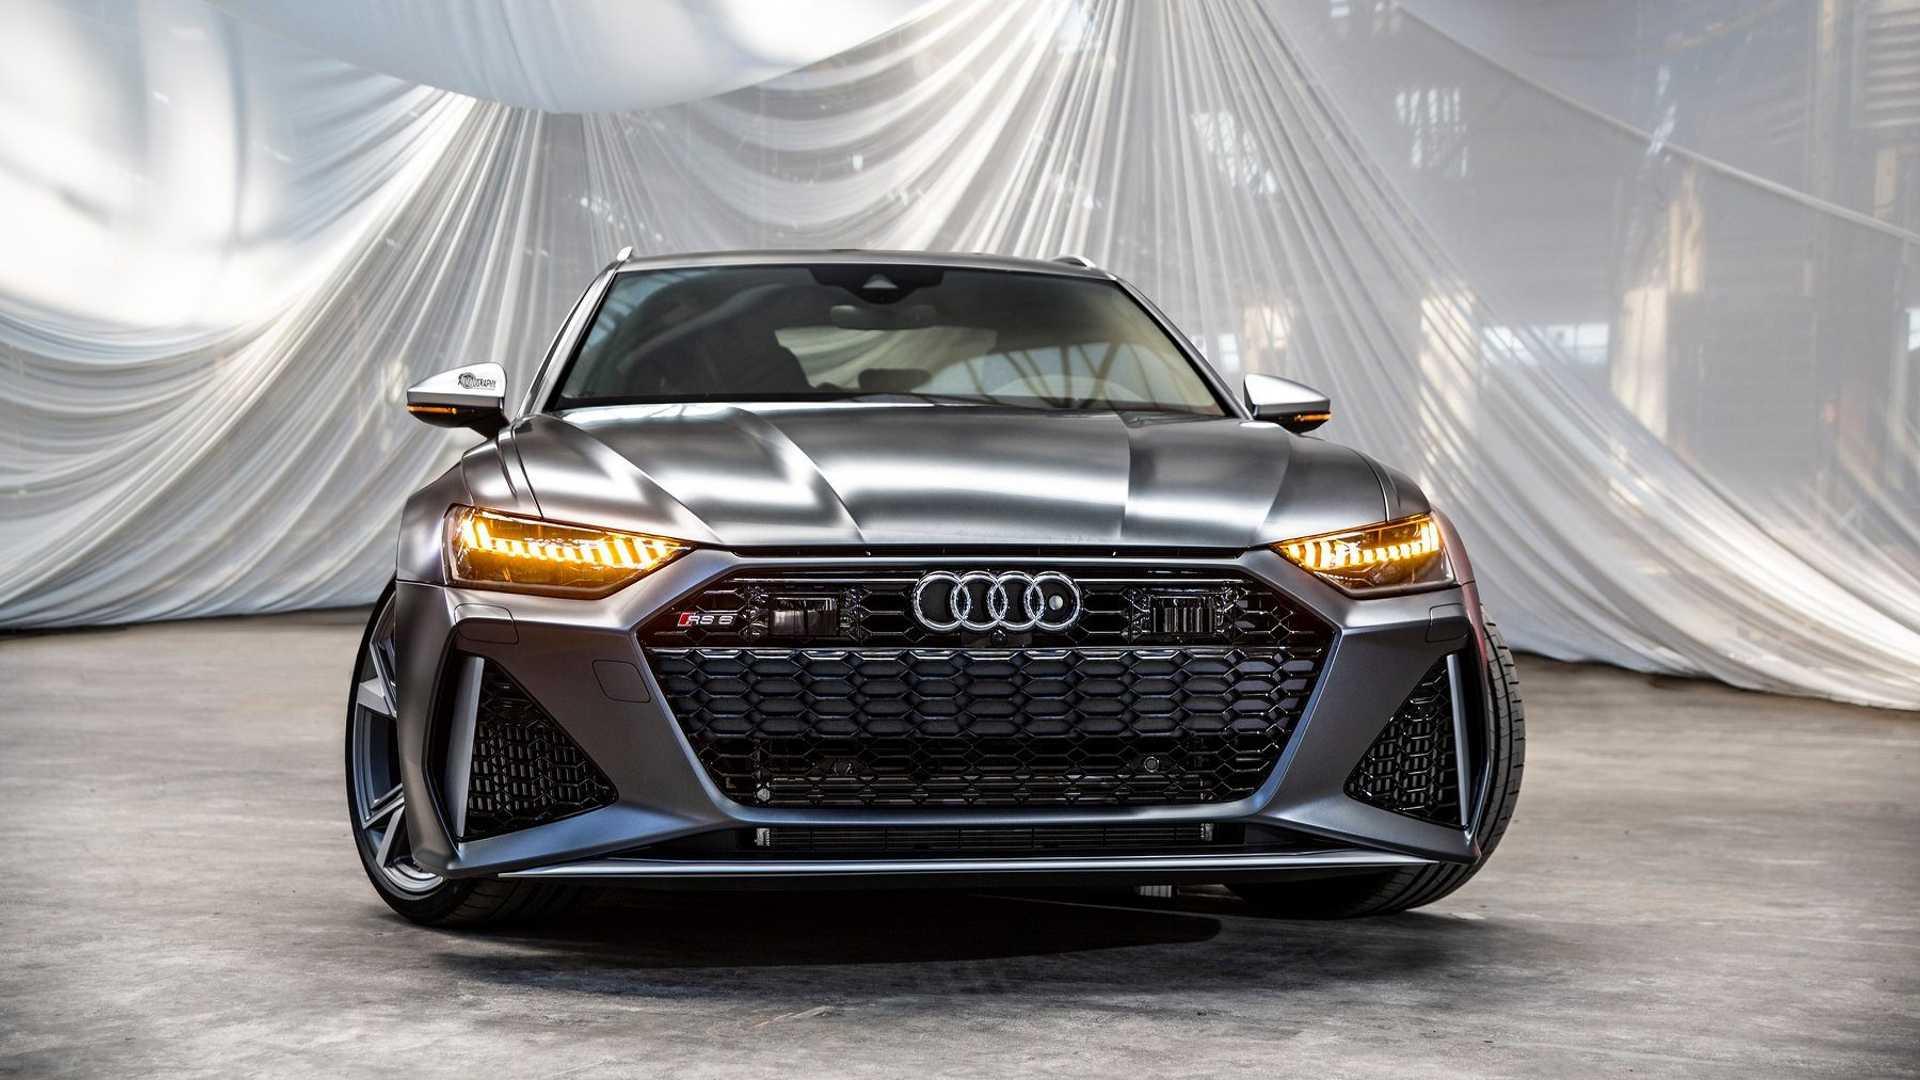 Audi RS6 Avant lần đầu ra mắt tại Mỹ kỷ niệm 25 năm dòng xe RS của Audi - 2